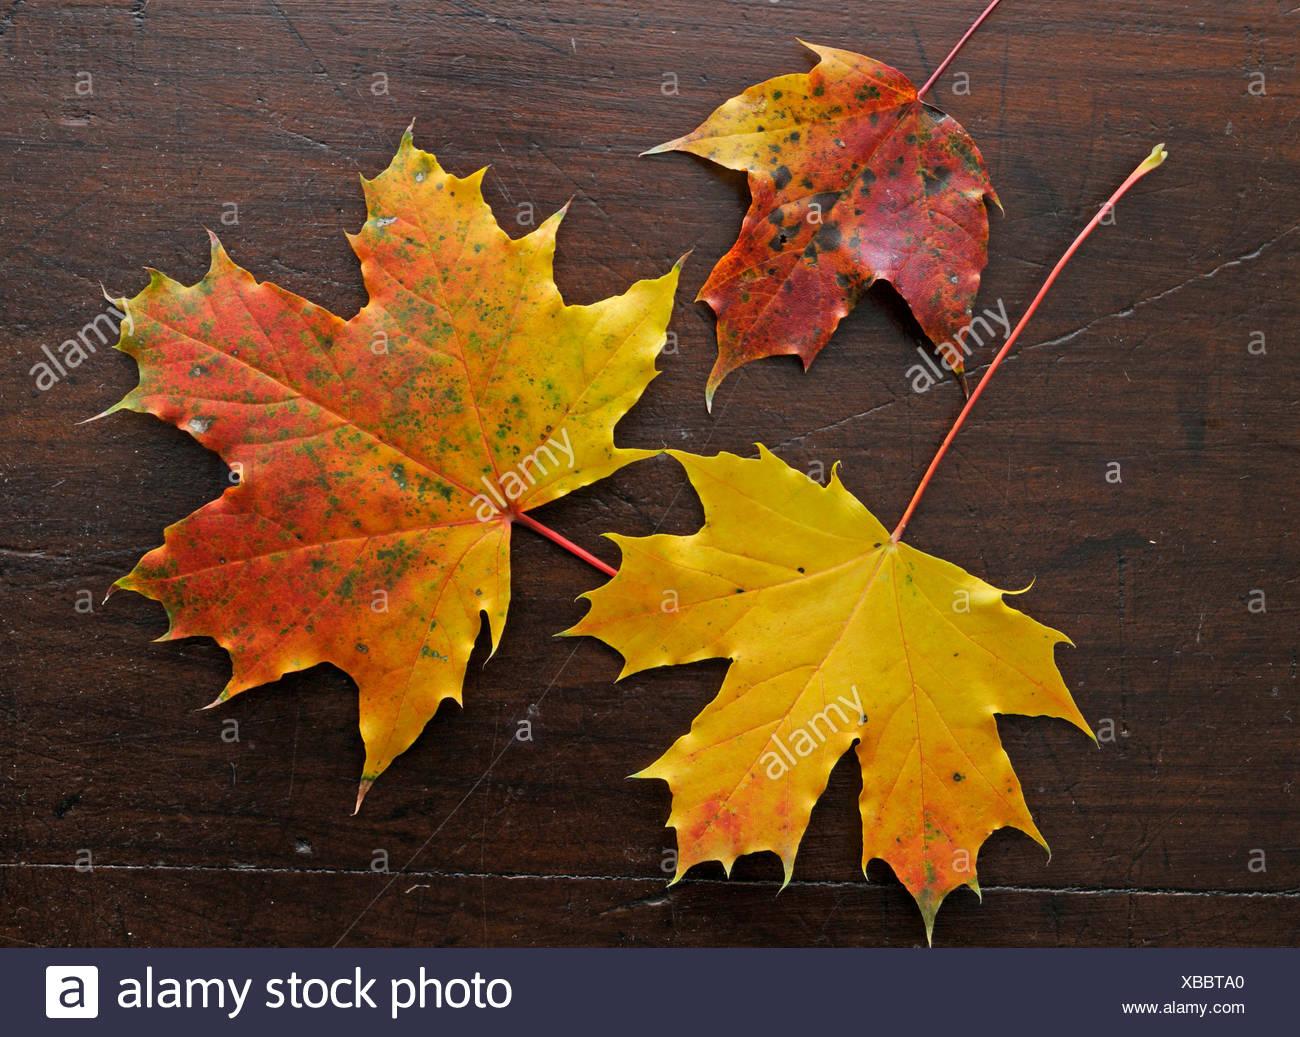 Berühmt Ahornbaum Blatt Färbung Seite Fotos - Druckbare Malvorlagen ...